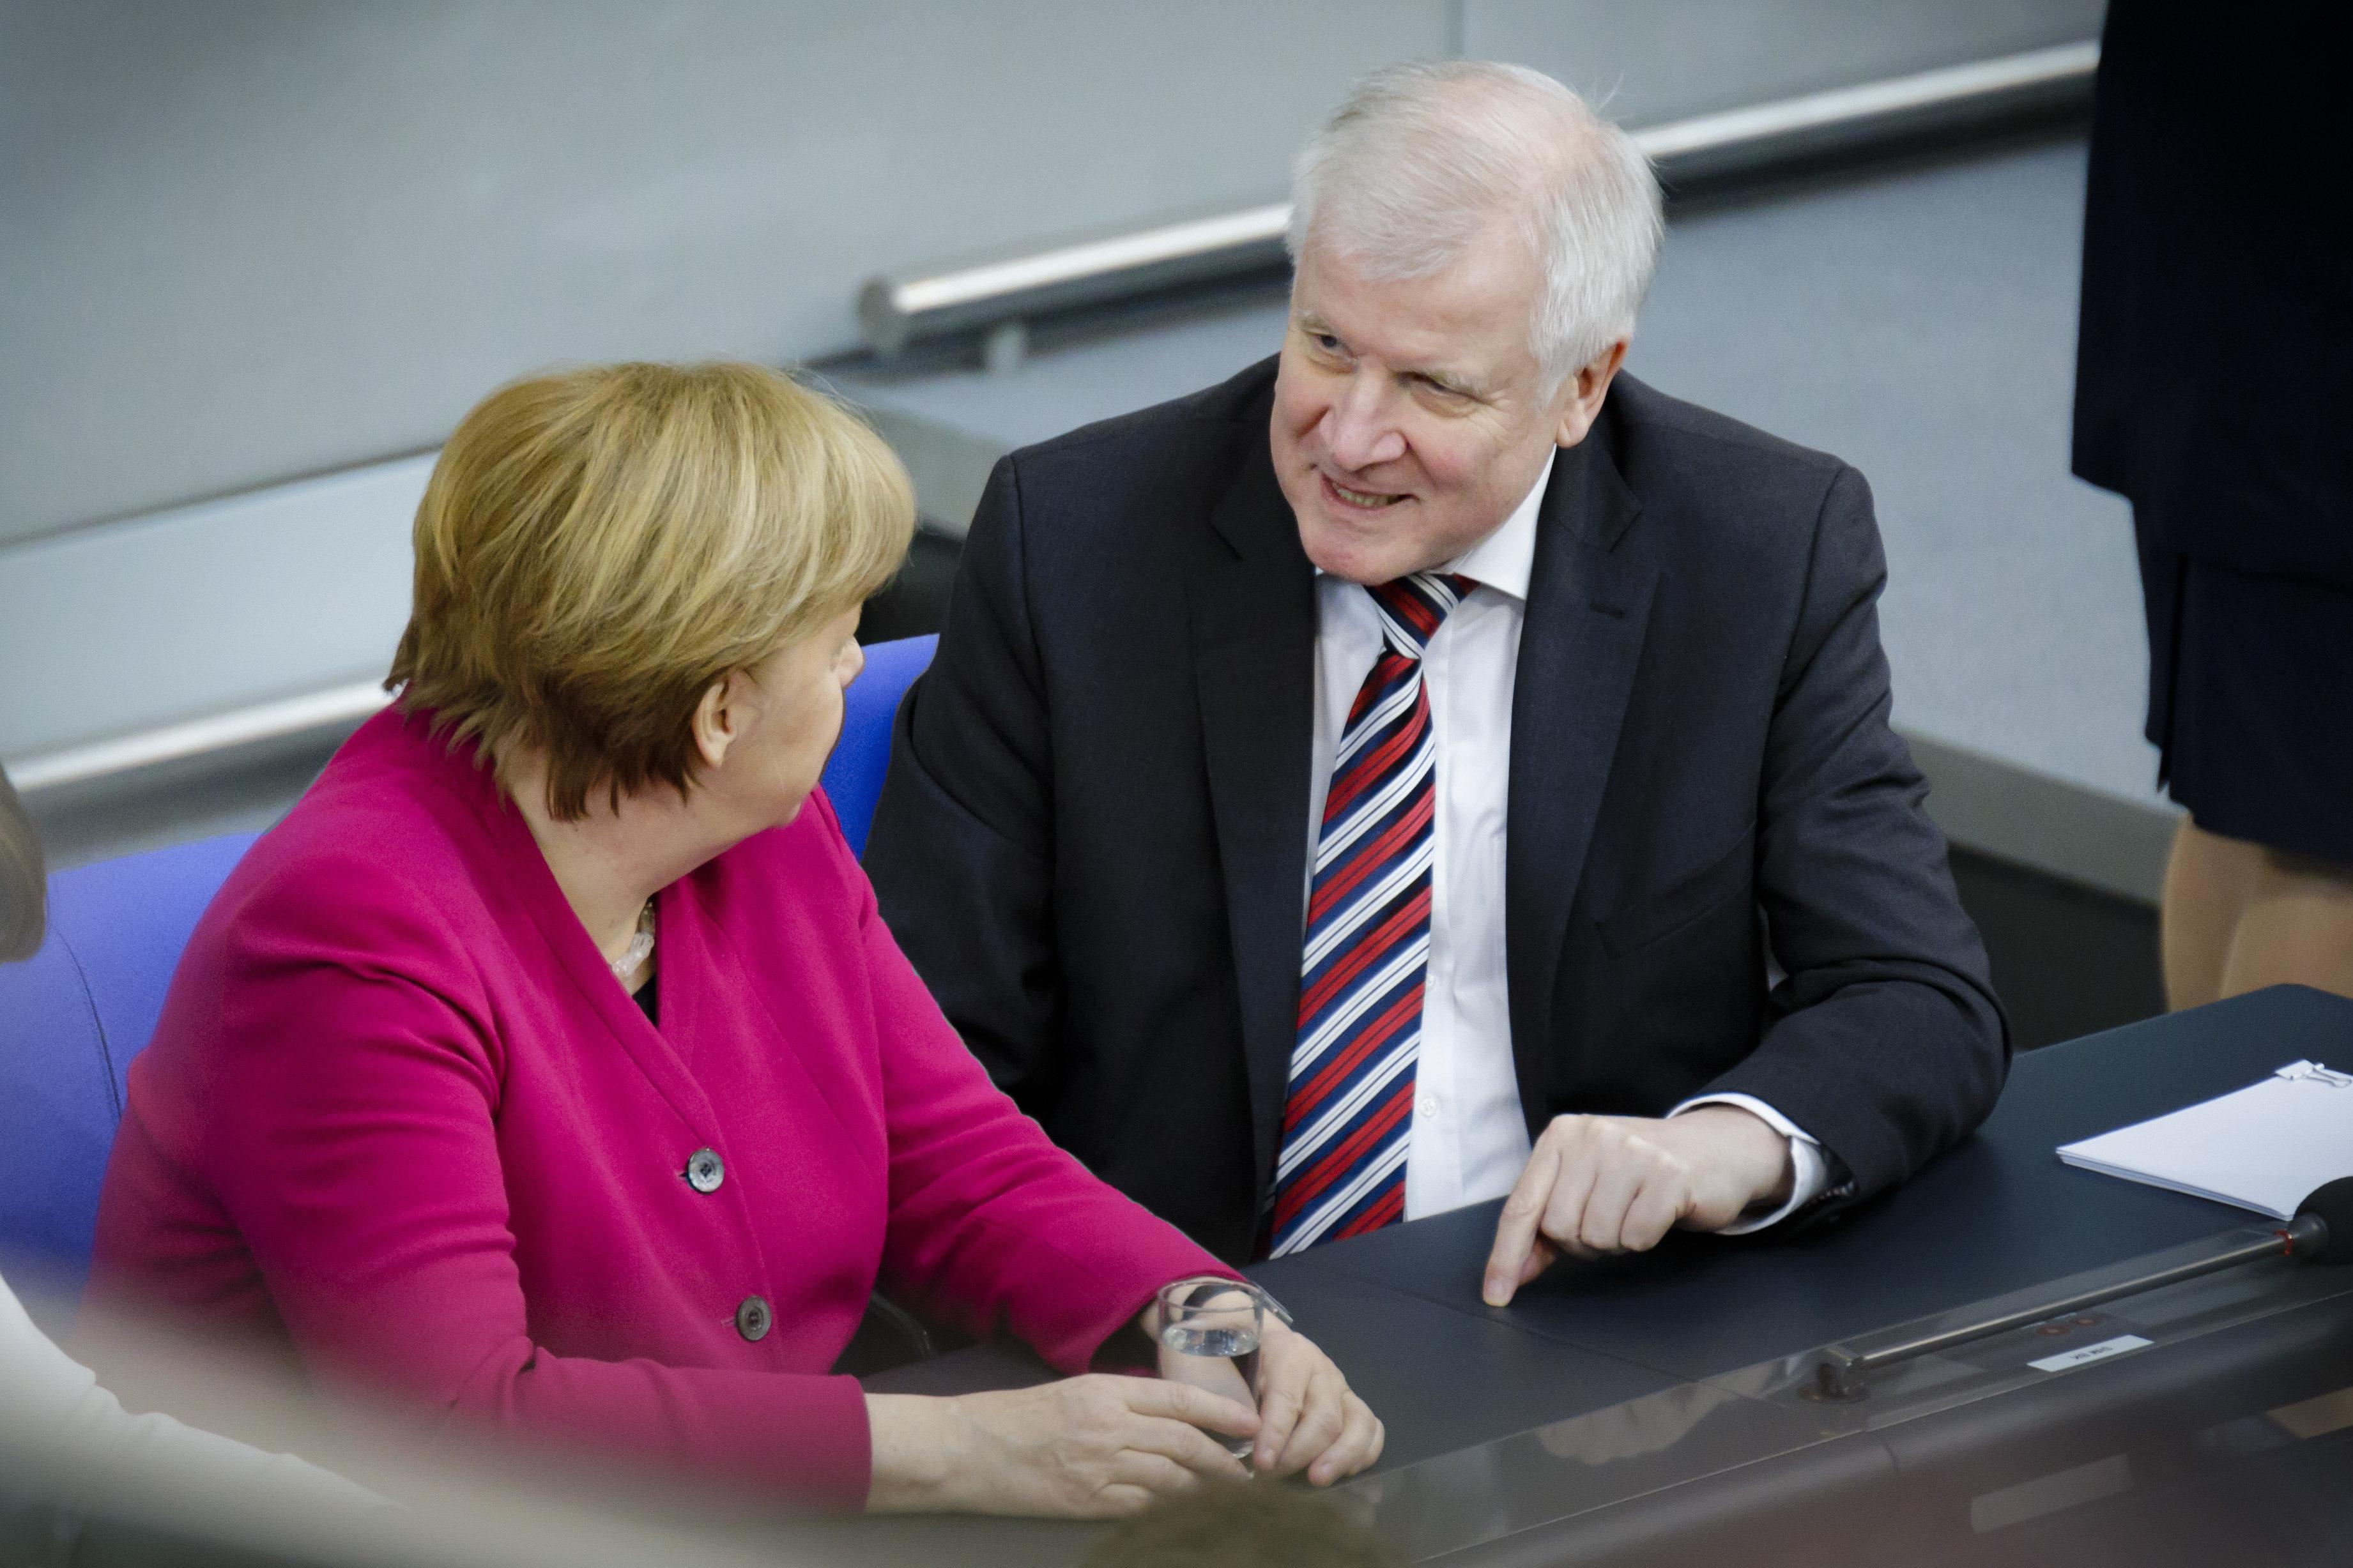 Bericht: Seehofer warnte Merkel bereits 2013 vor Asyl-Chaos im